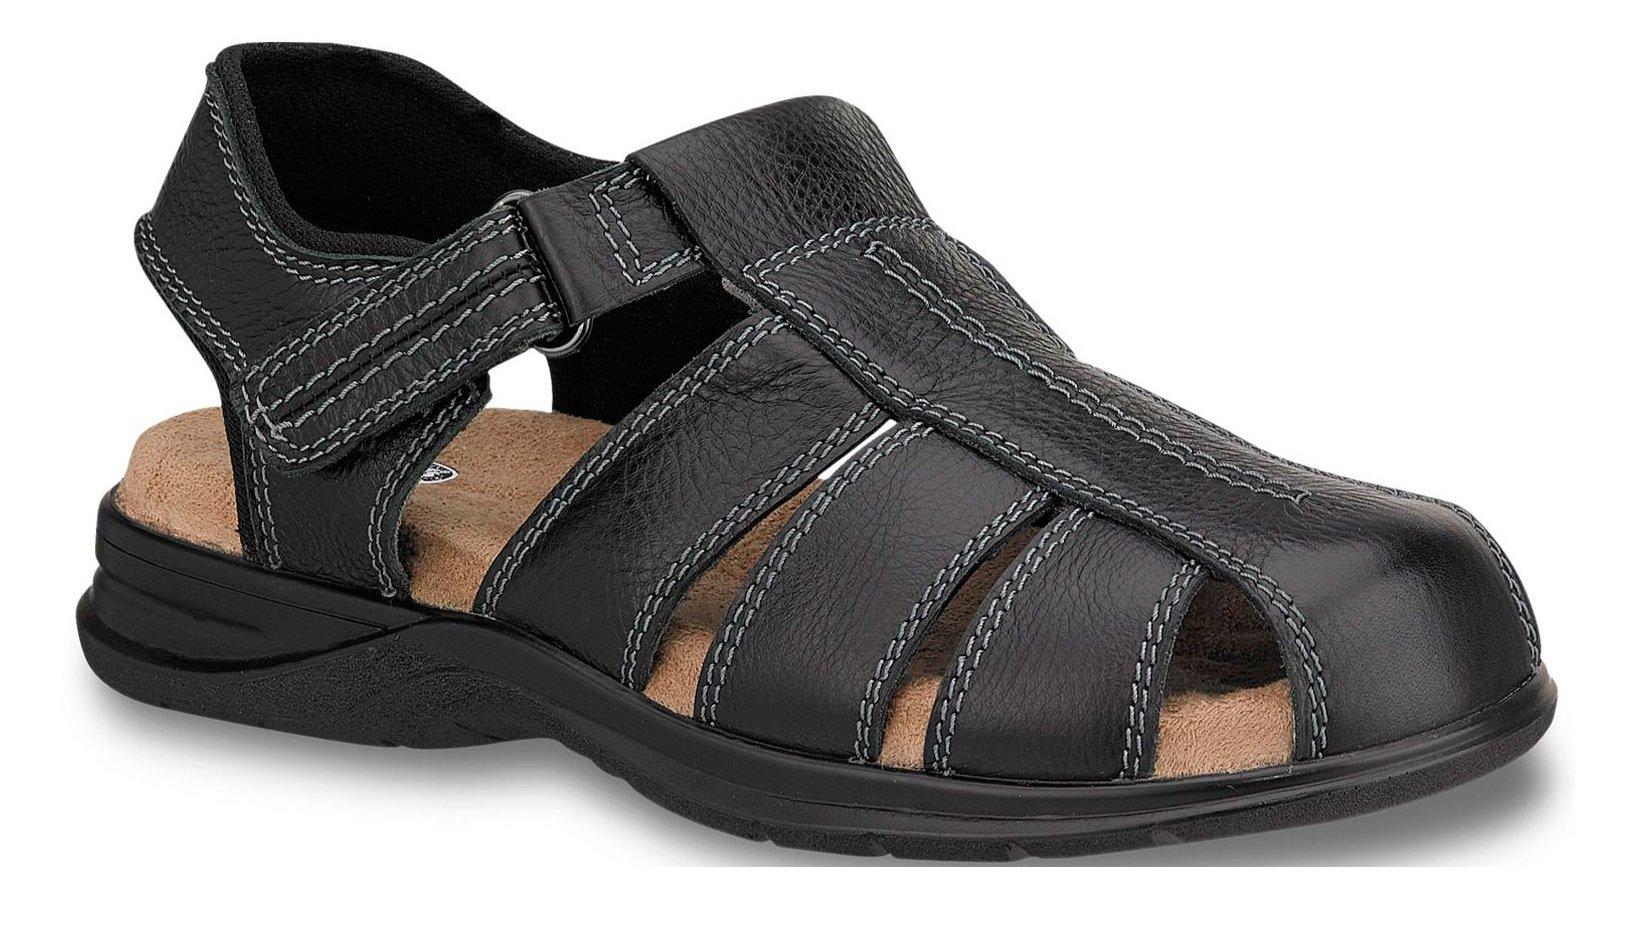 Men T-Bar Close Sandal Black Genuine Leather Imported (8.5)